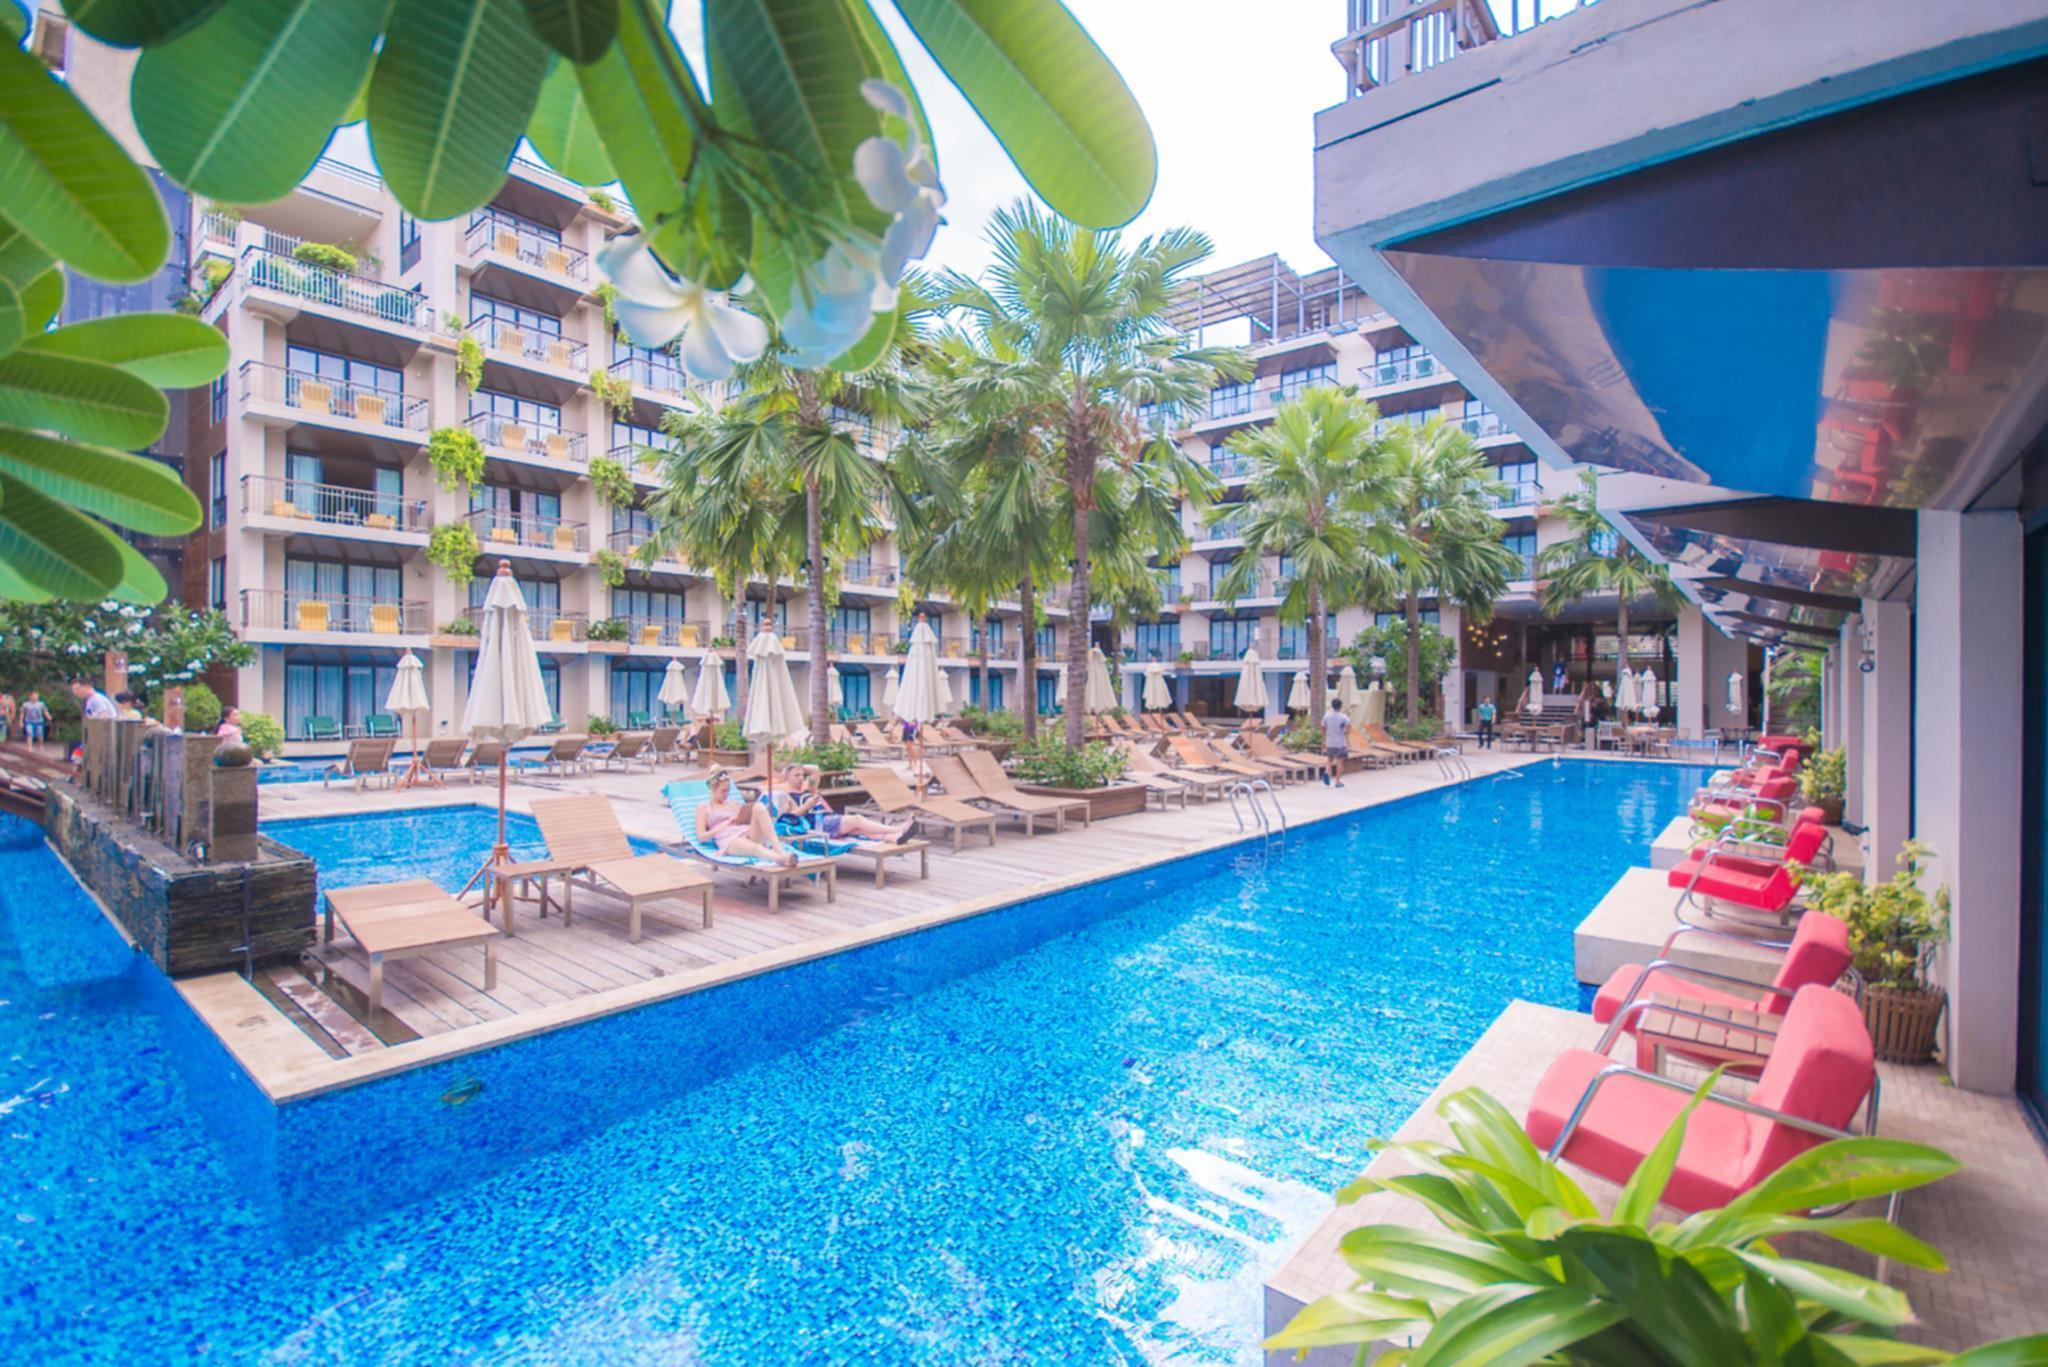 Baan Laimai Beach Resort & Spa บ้านลายไม้บีช รีสอร์ต แอนด์ สปา